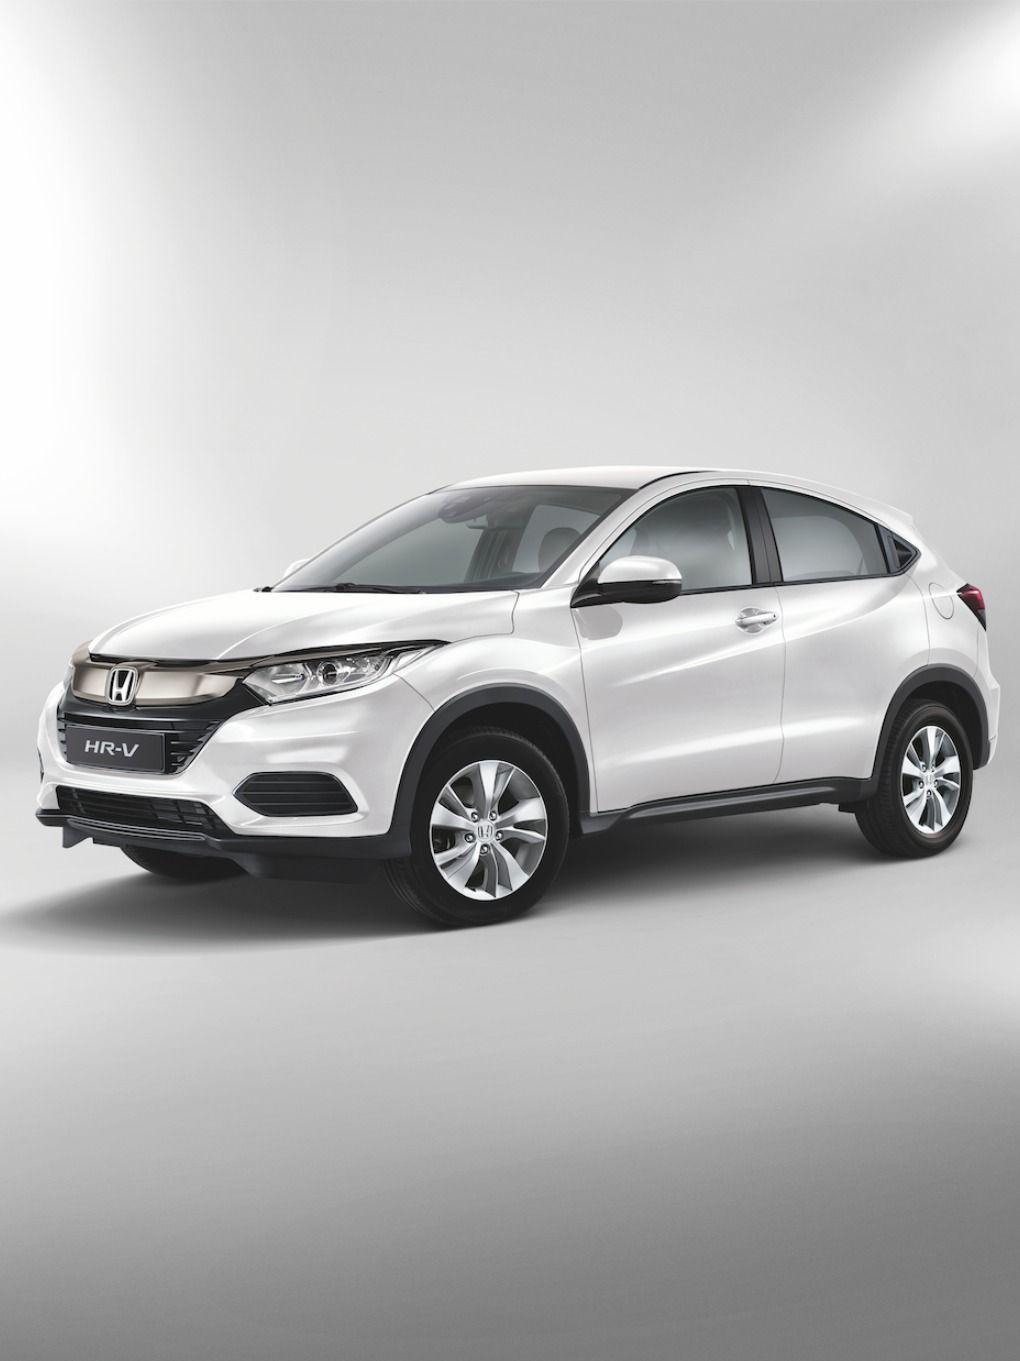 Honda HRV white in 2020 Honda hrv, Honda, Motor car